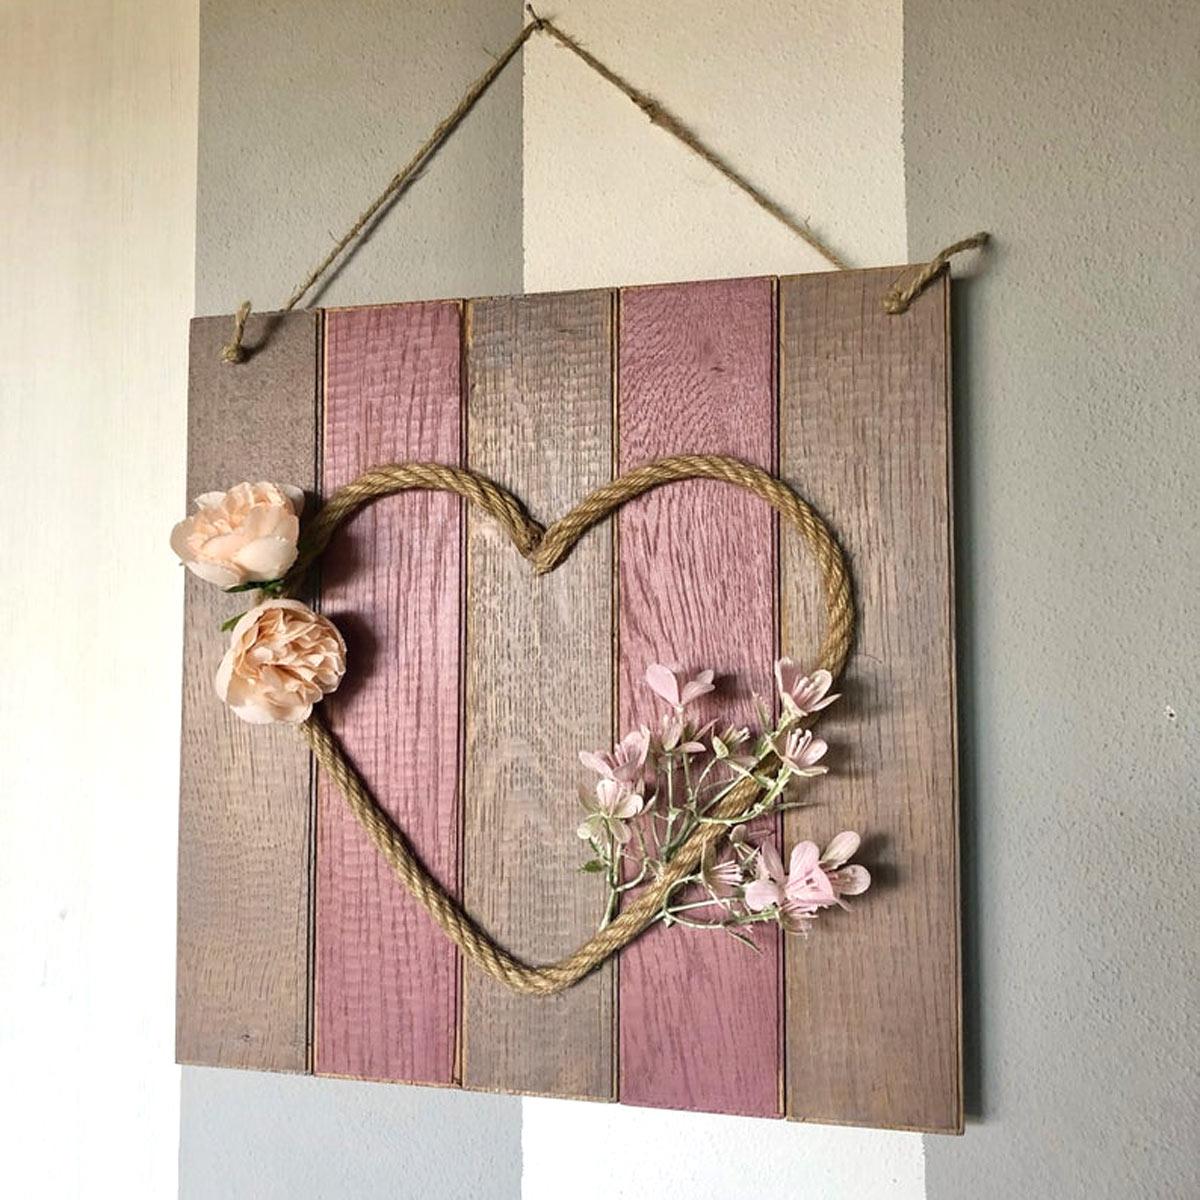 Composizione fai da te con pallet e corda per abbellire parete in stile rustico.